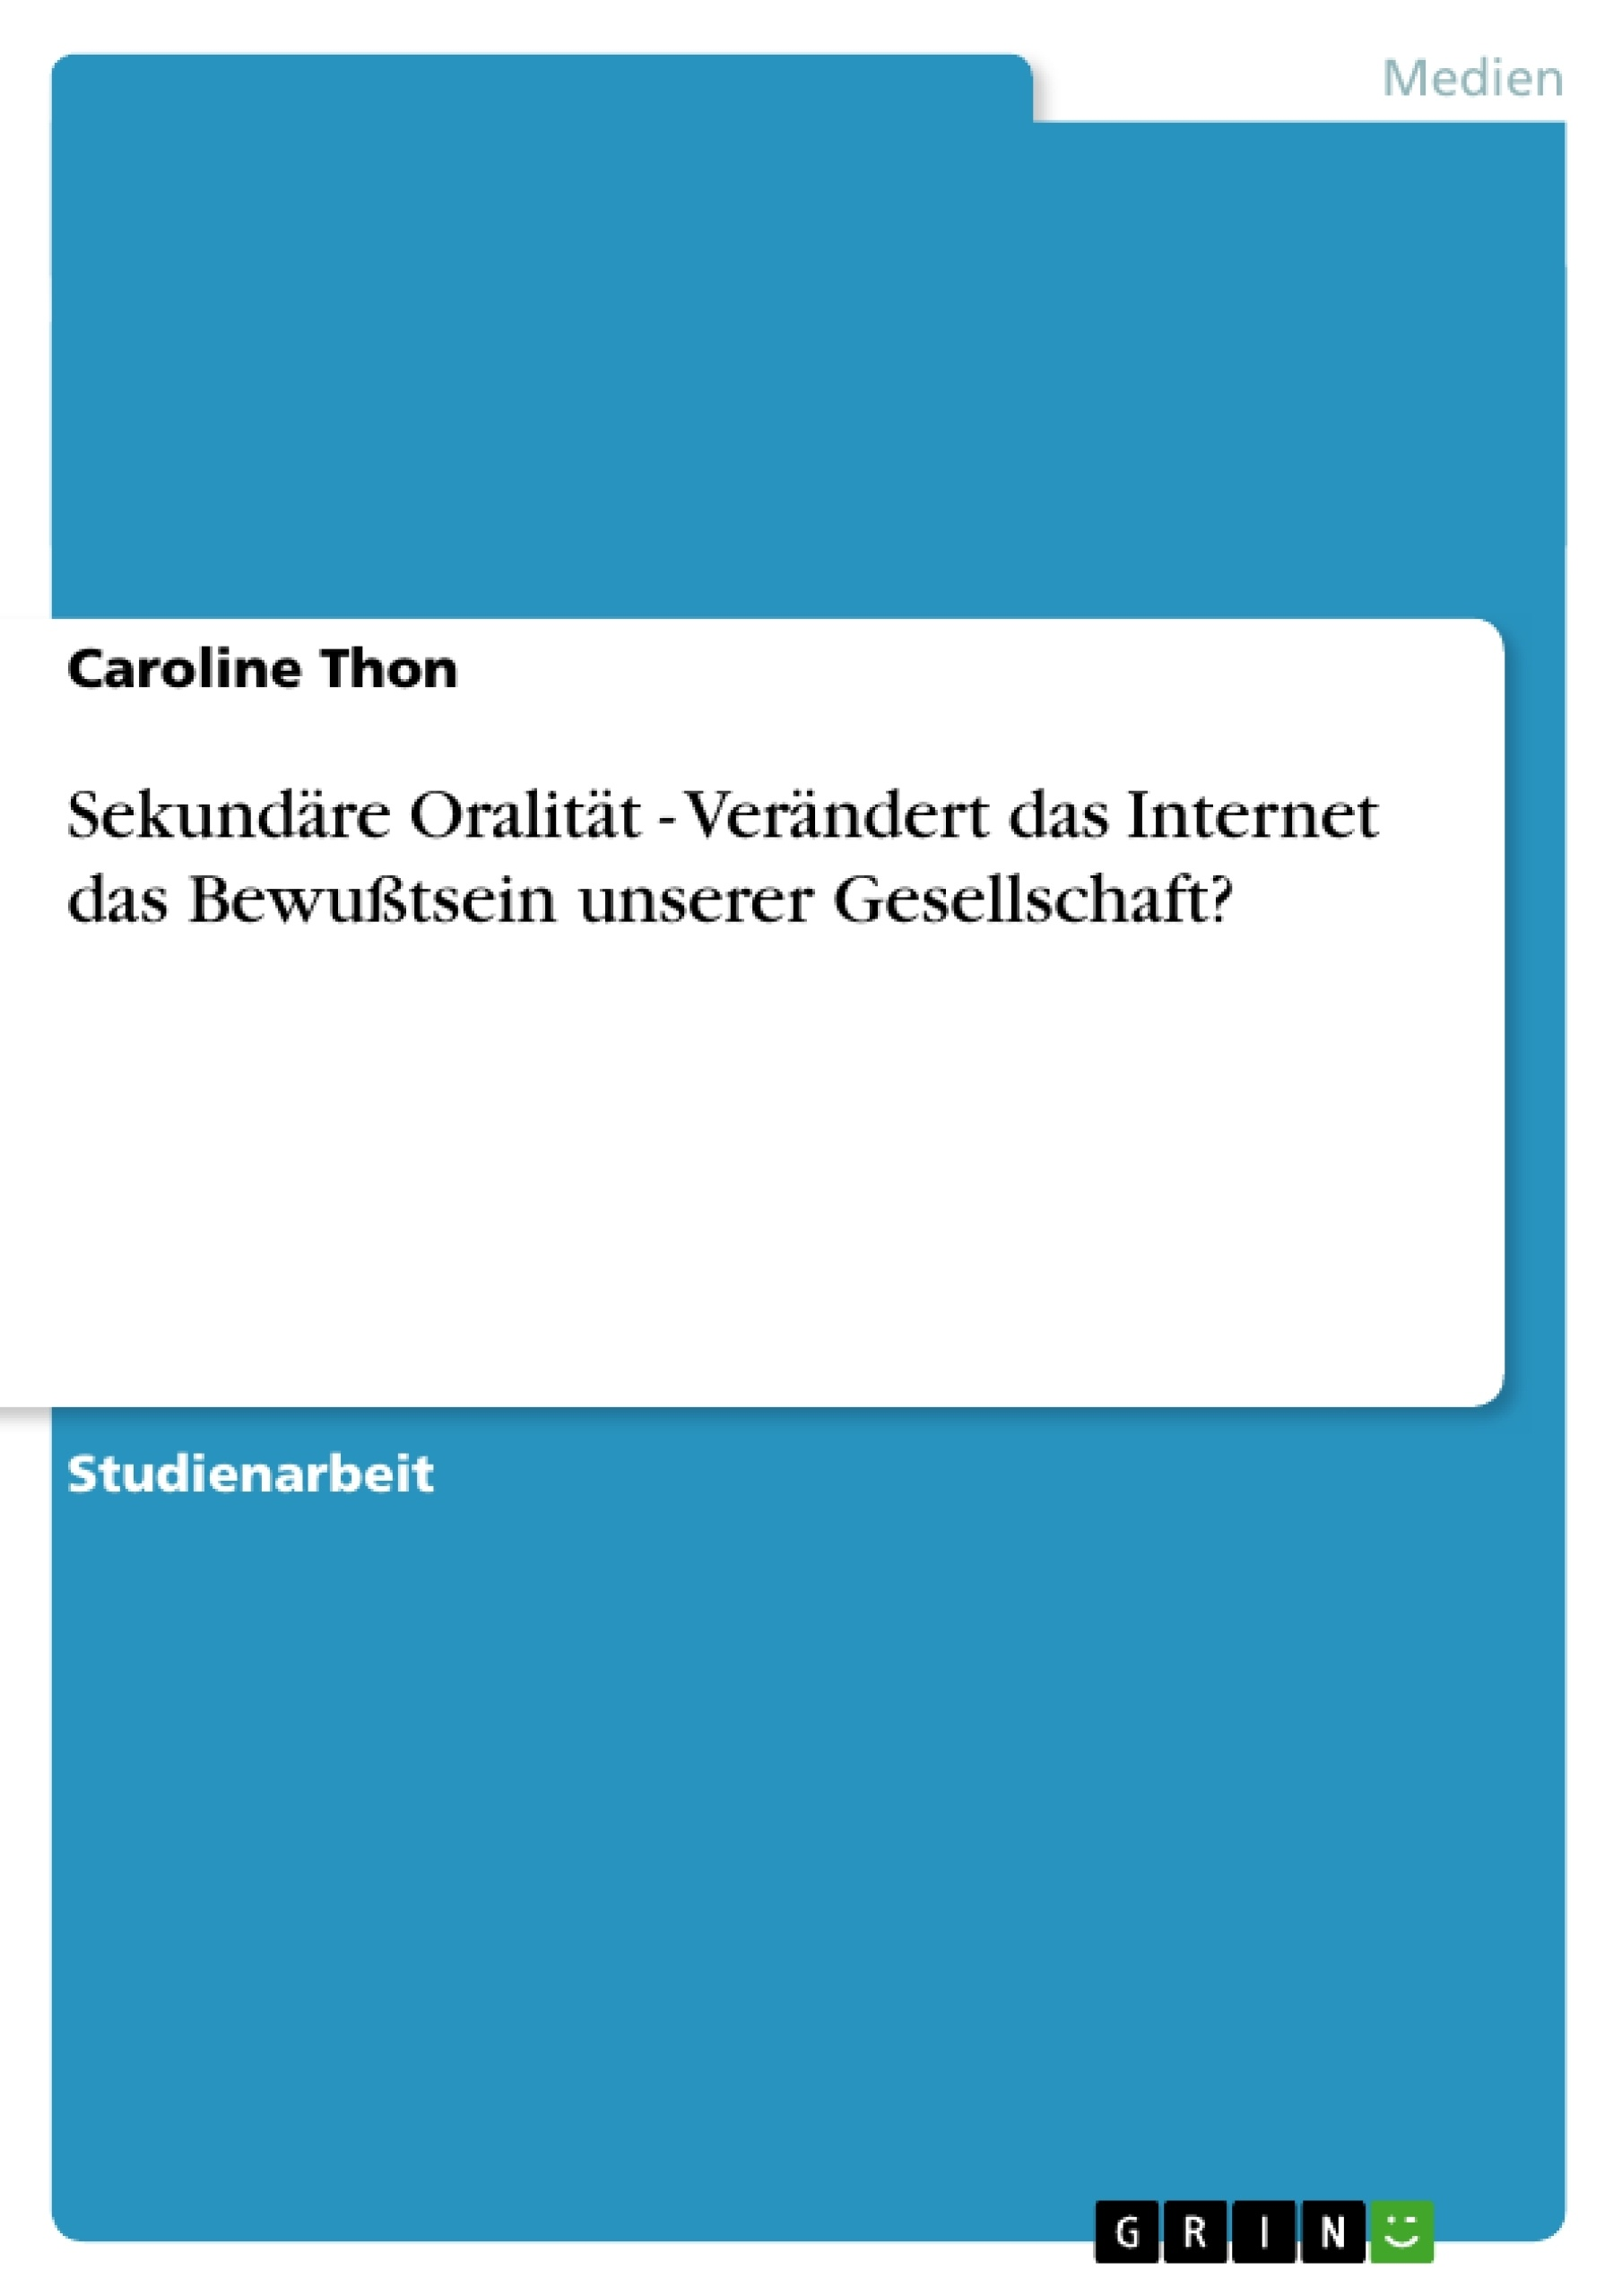 Titel: Sekundäre Oralität - Verändert das Internet das Bewußtsein unserer Gesellschaft?